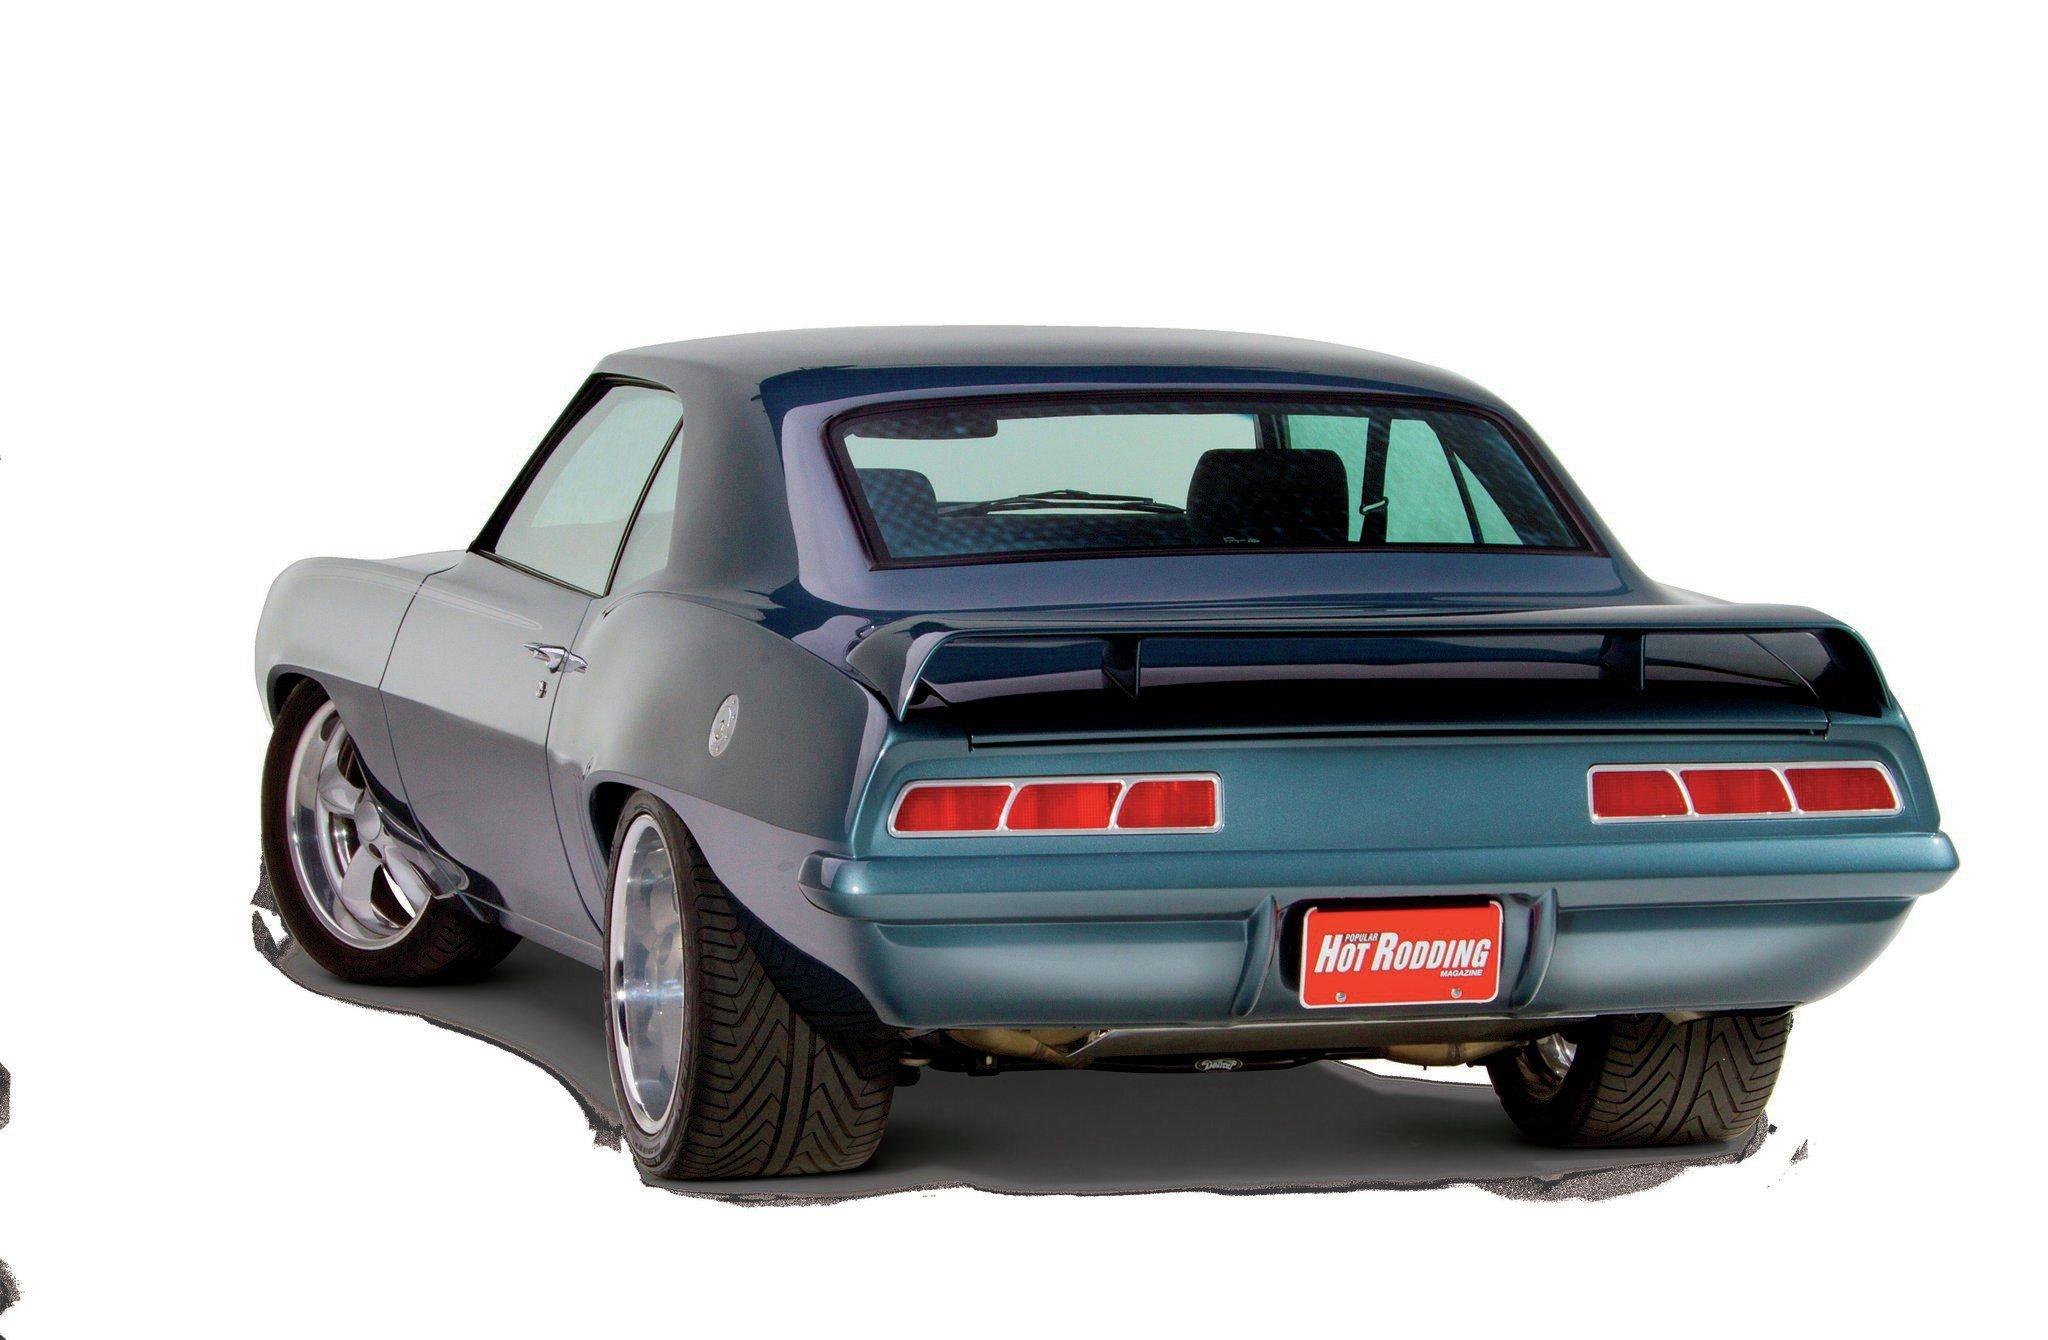 1969 Chevrolet Camaro Hot-04 wallpaper